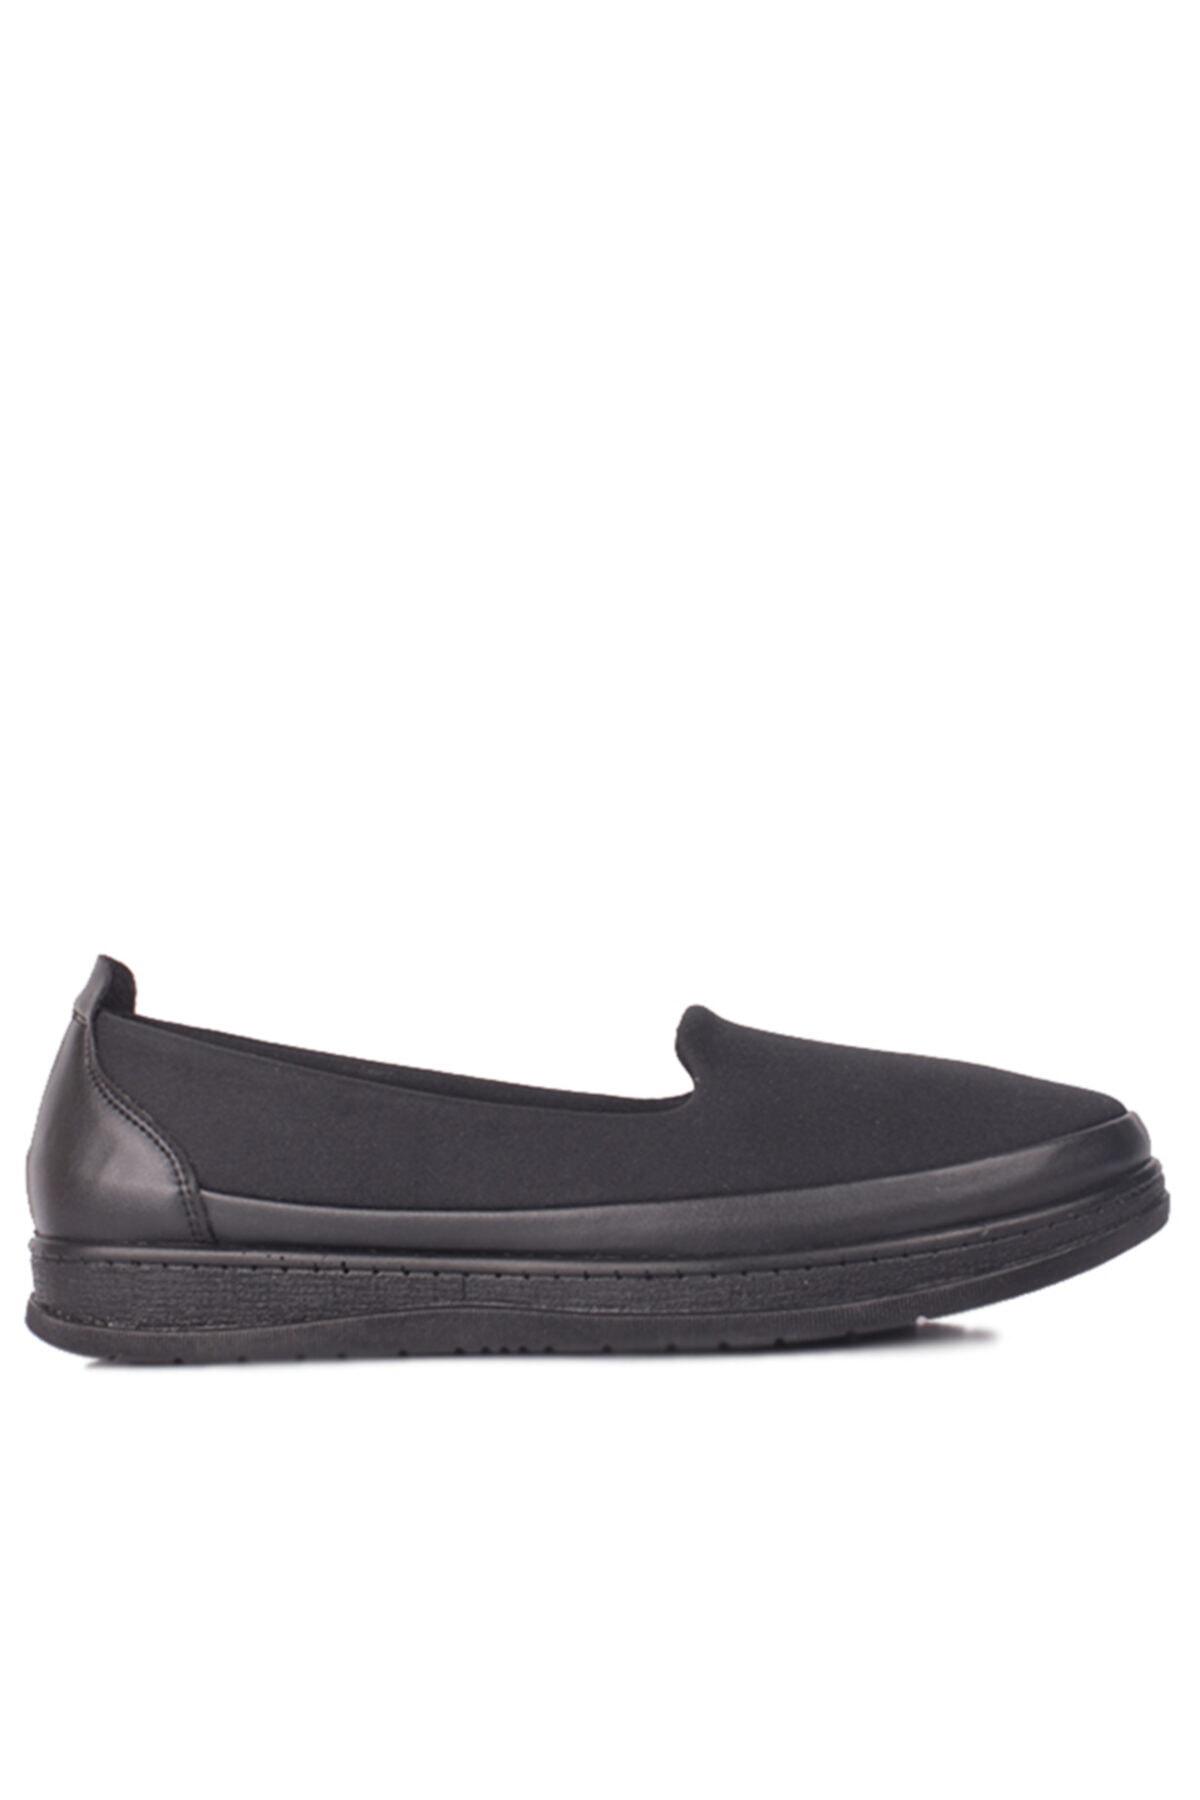 Fitbas Kadın Siyah Günlük Büyük Numara Ayakkabı